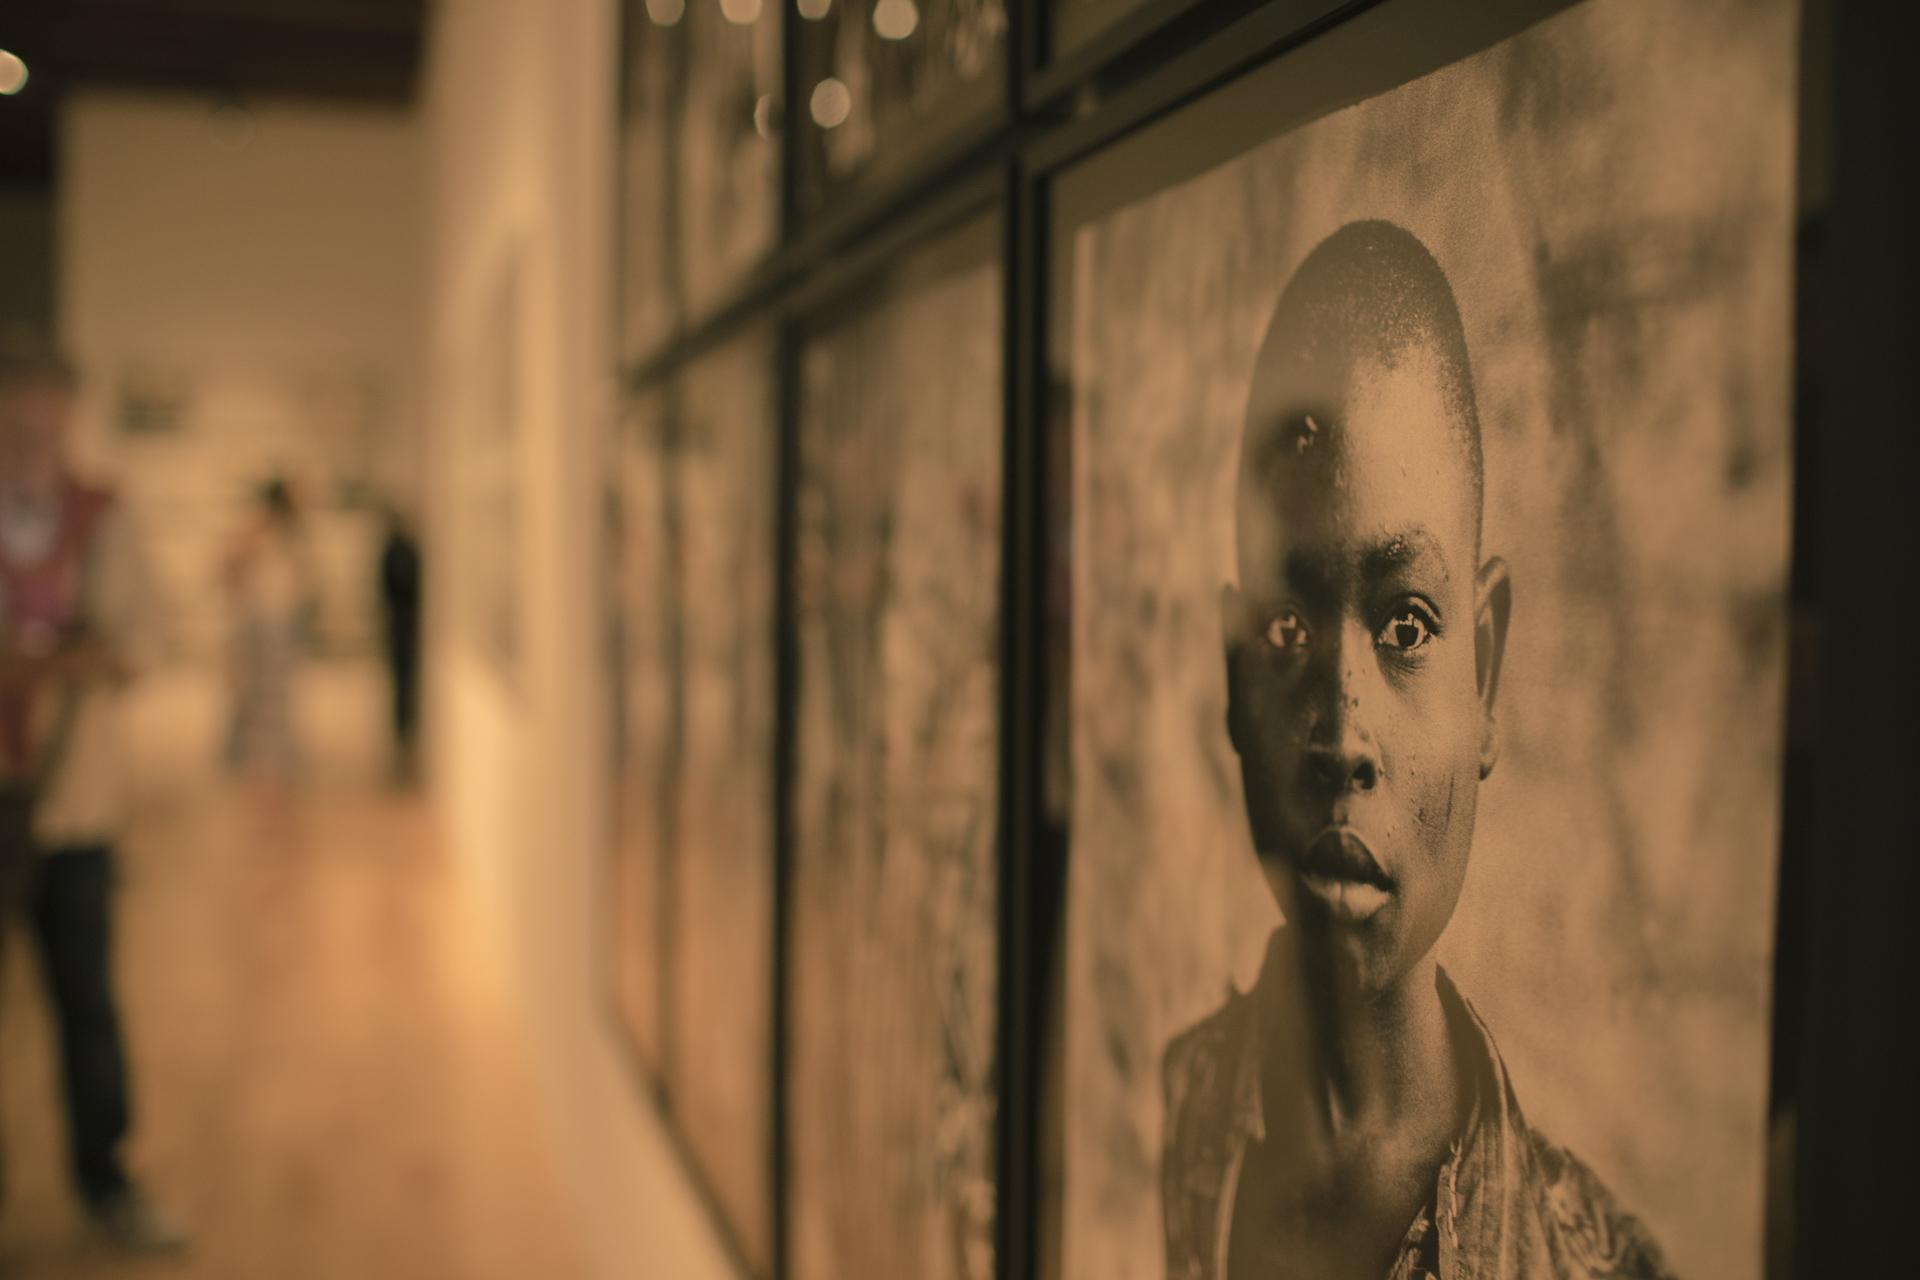 FotoMéxico 2019  se llevará a cabo del 23 de octubre a diciembre de 2019 y contará con un amplio programa de exposiciones, talleres y conferencias. Imagen vía Centro de la Imagen.